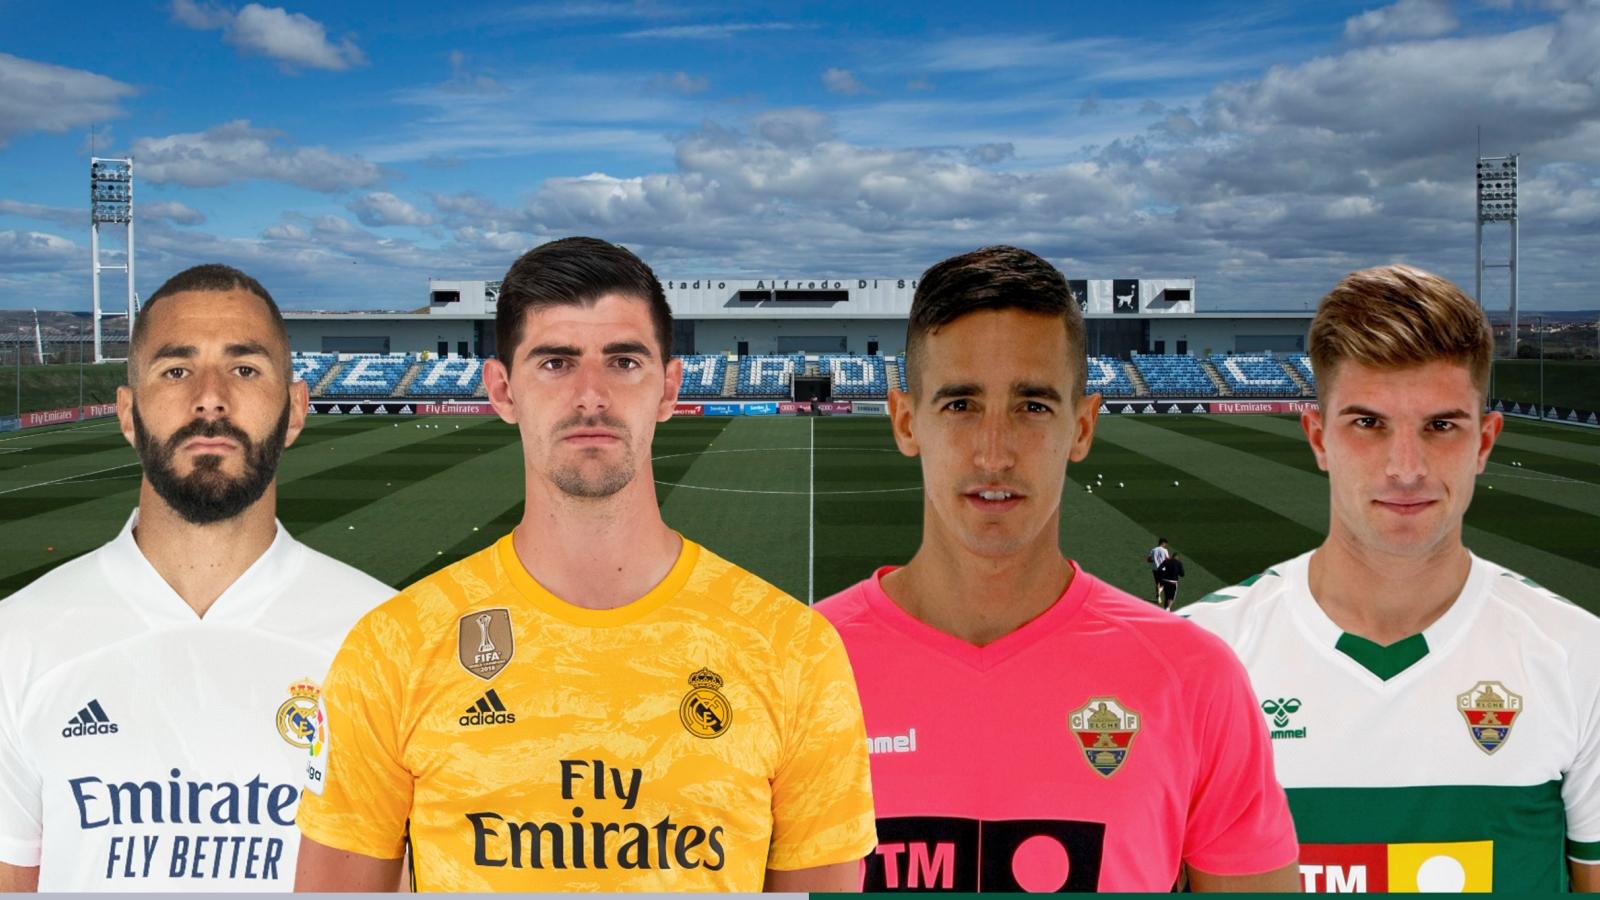 Dự đoán tỷ số, đội hình xuất phát trận Real Madrid - Elche